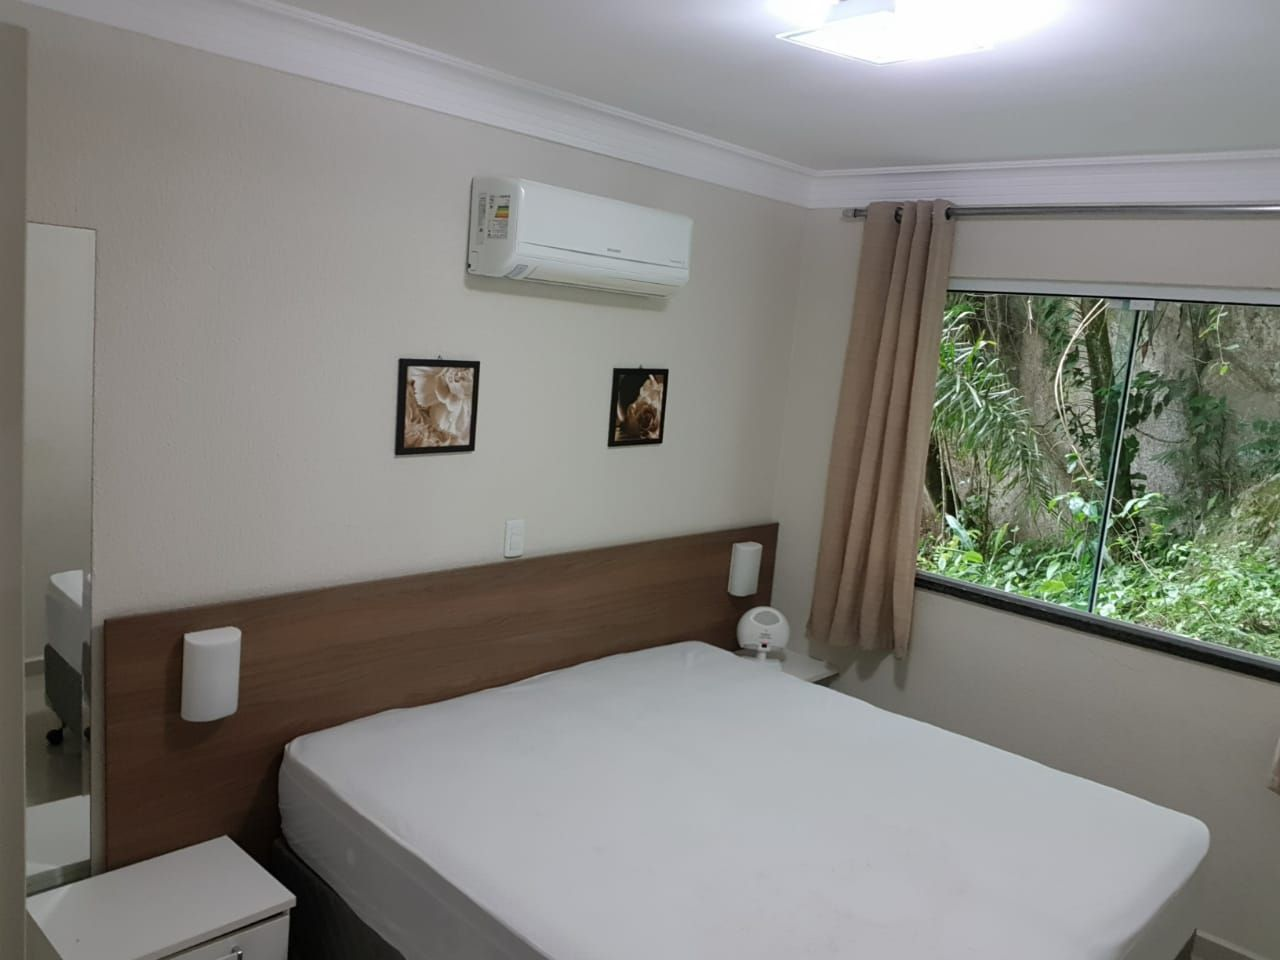 Apartamento com 1 Dormitórios à venda, 45 m² por R$ 270.000,00